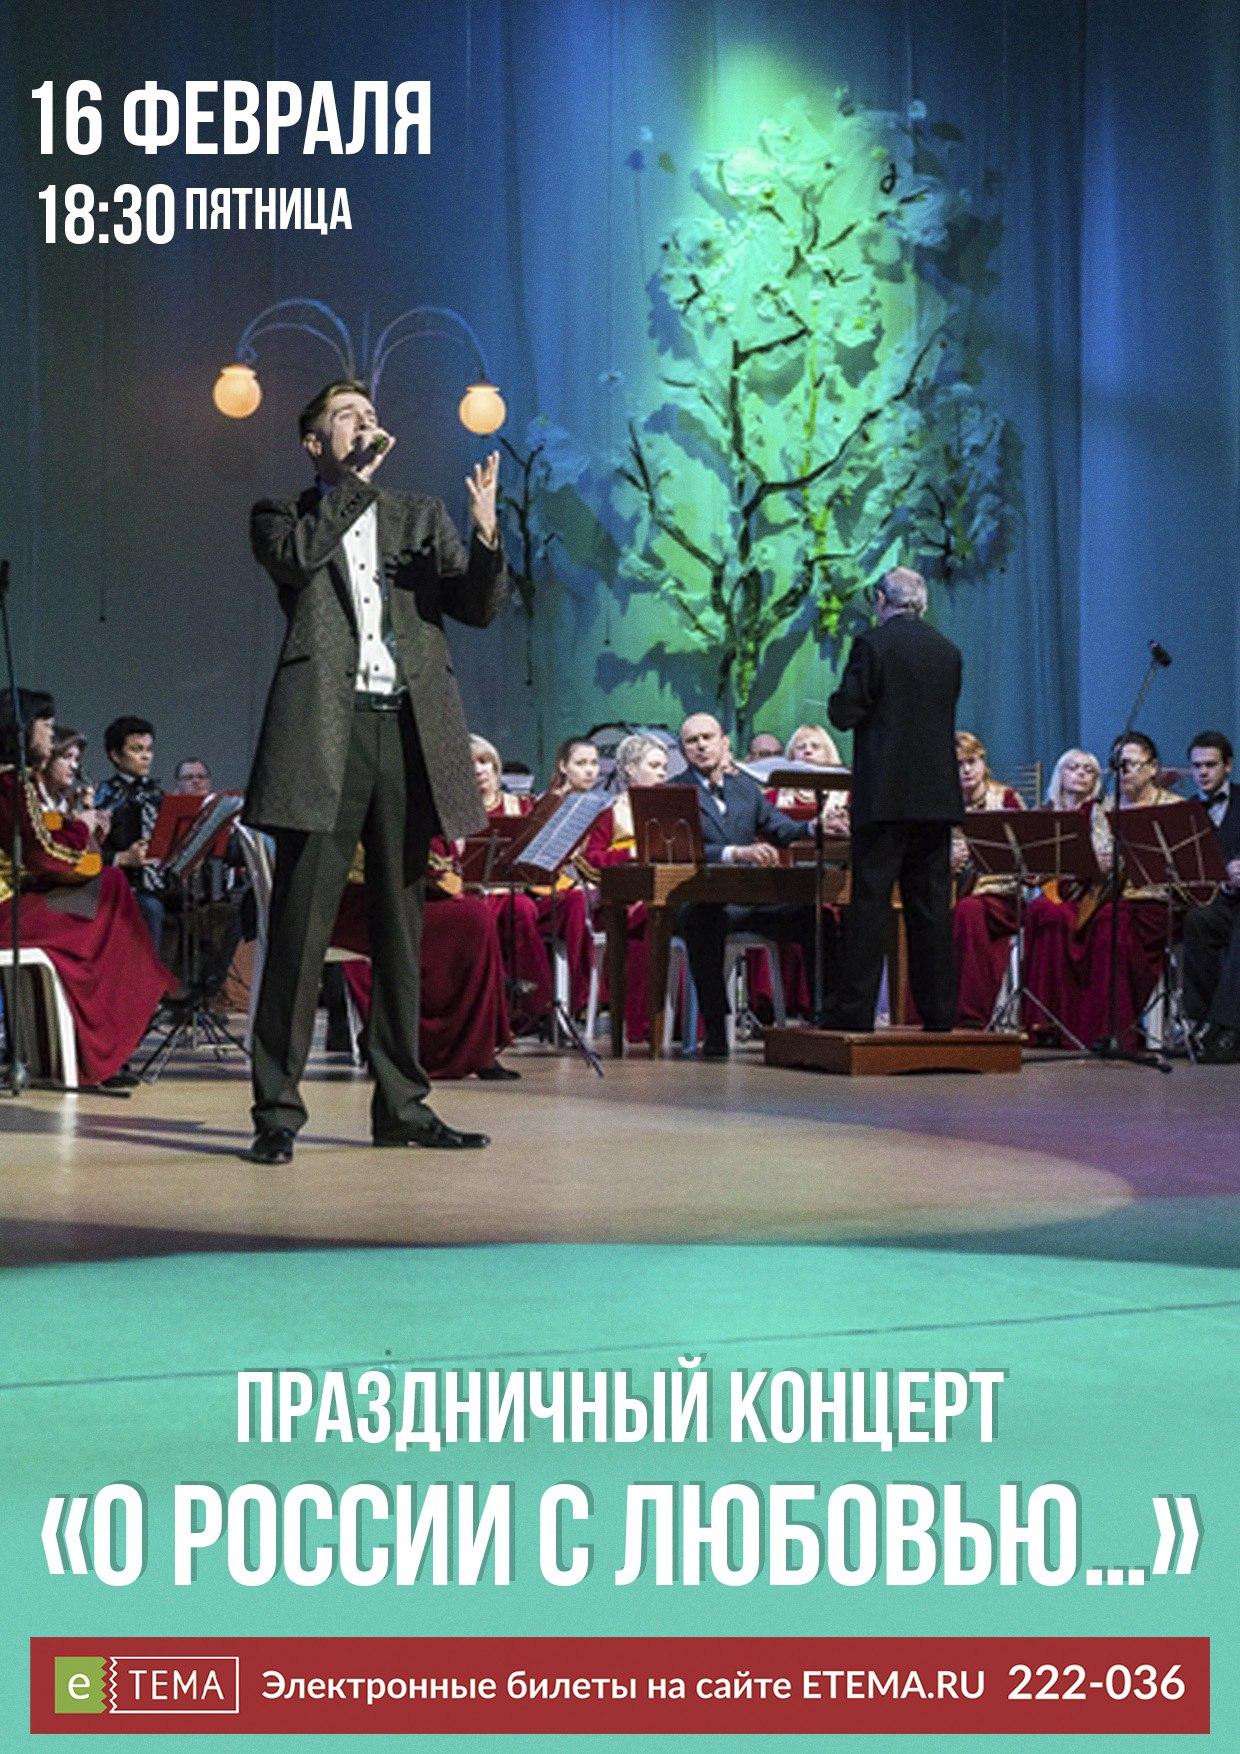 Оркестр русских народных инструментов «О России с любовью…»